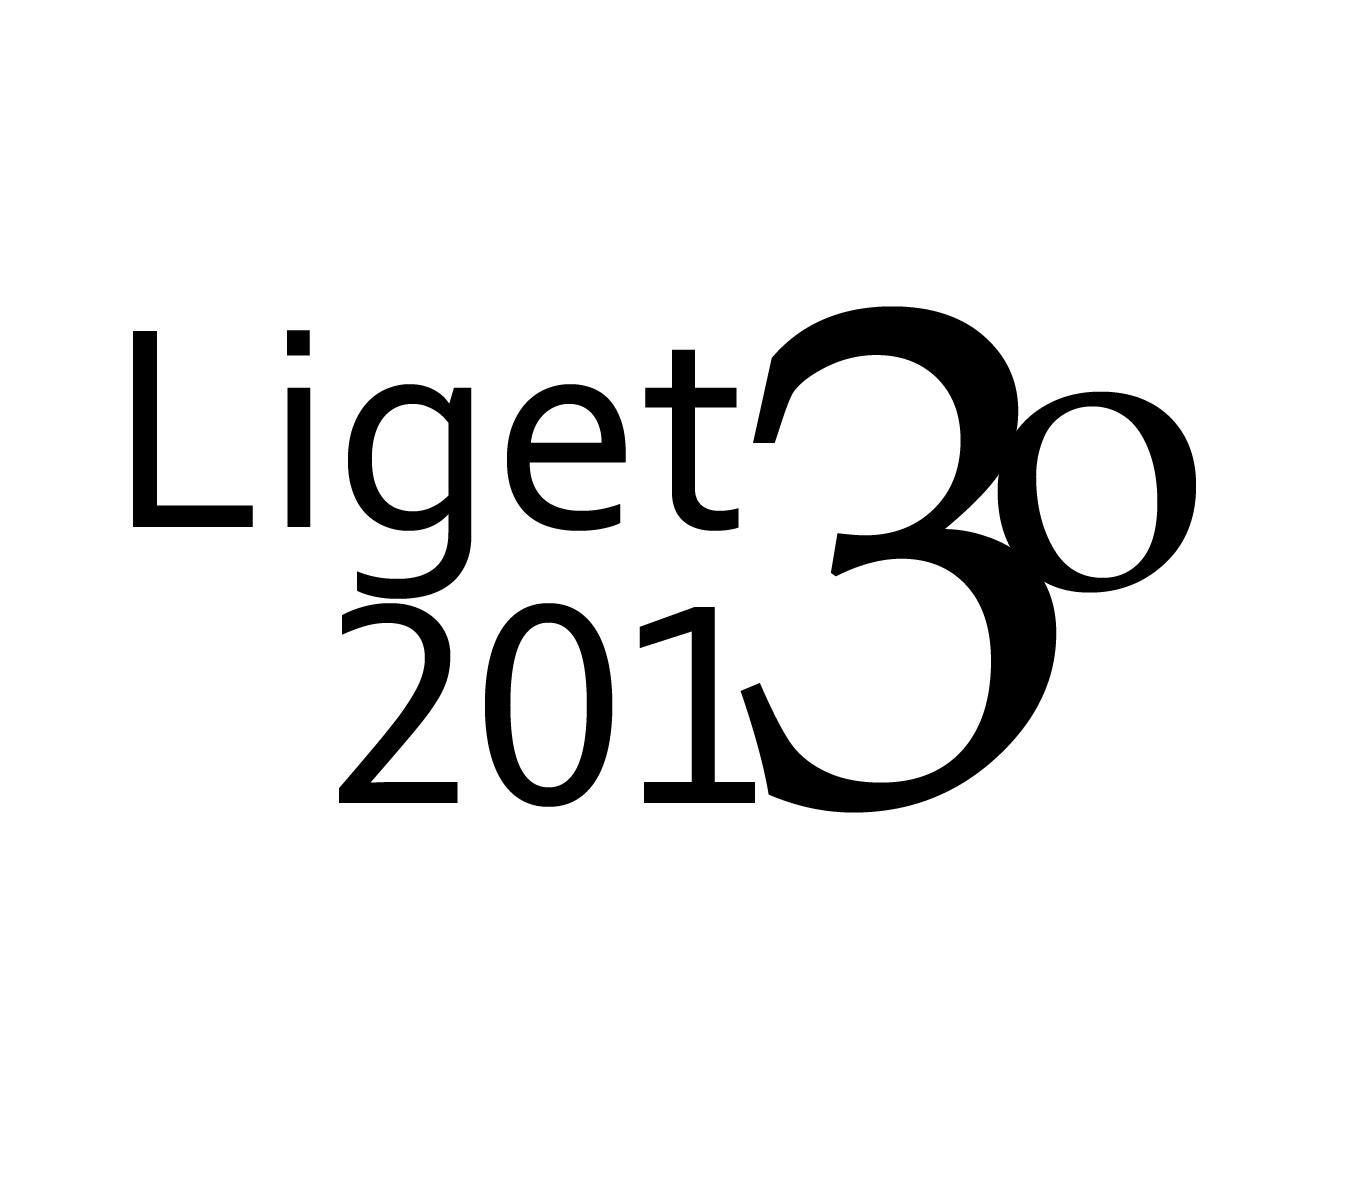 Liget30